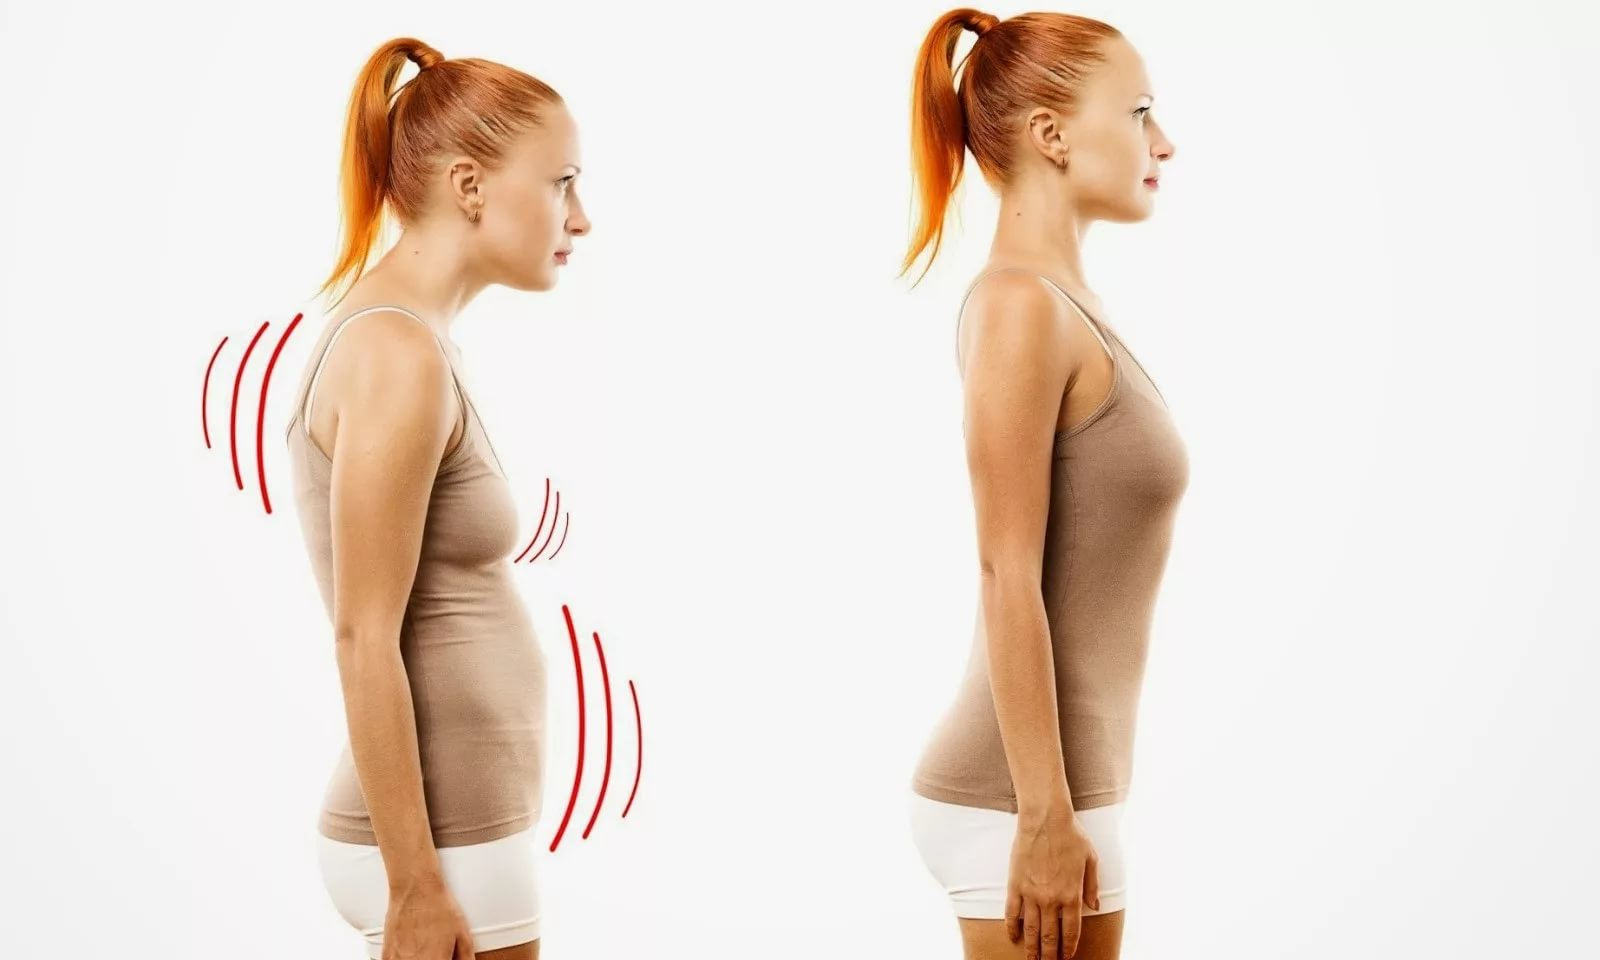 Чем опасна сутулость +3 способа избавления от боли в шее с помощью йоги